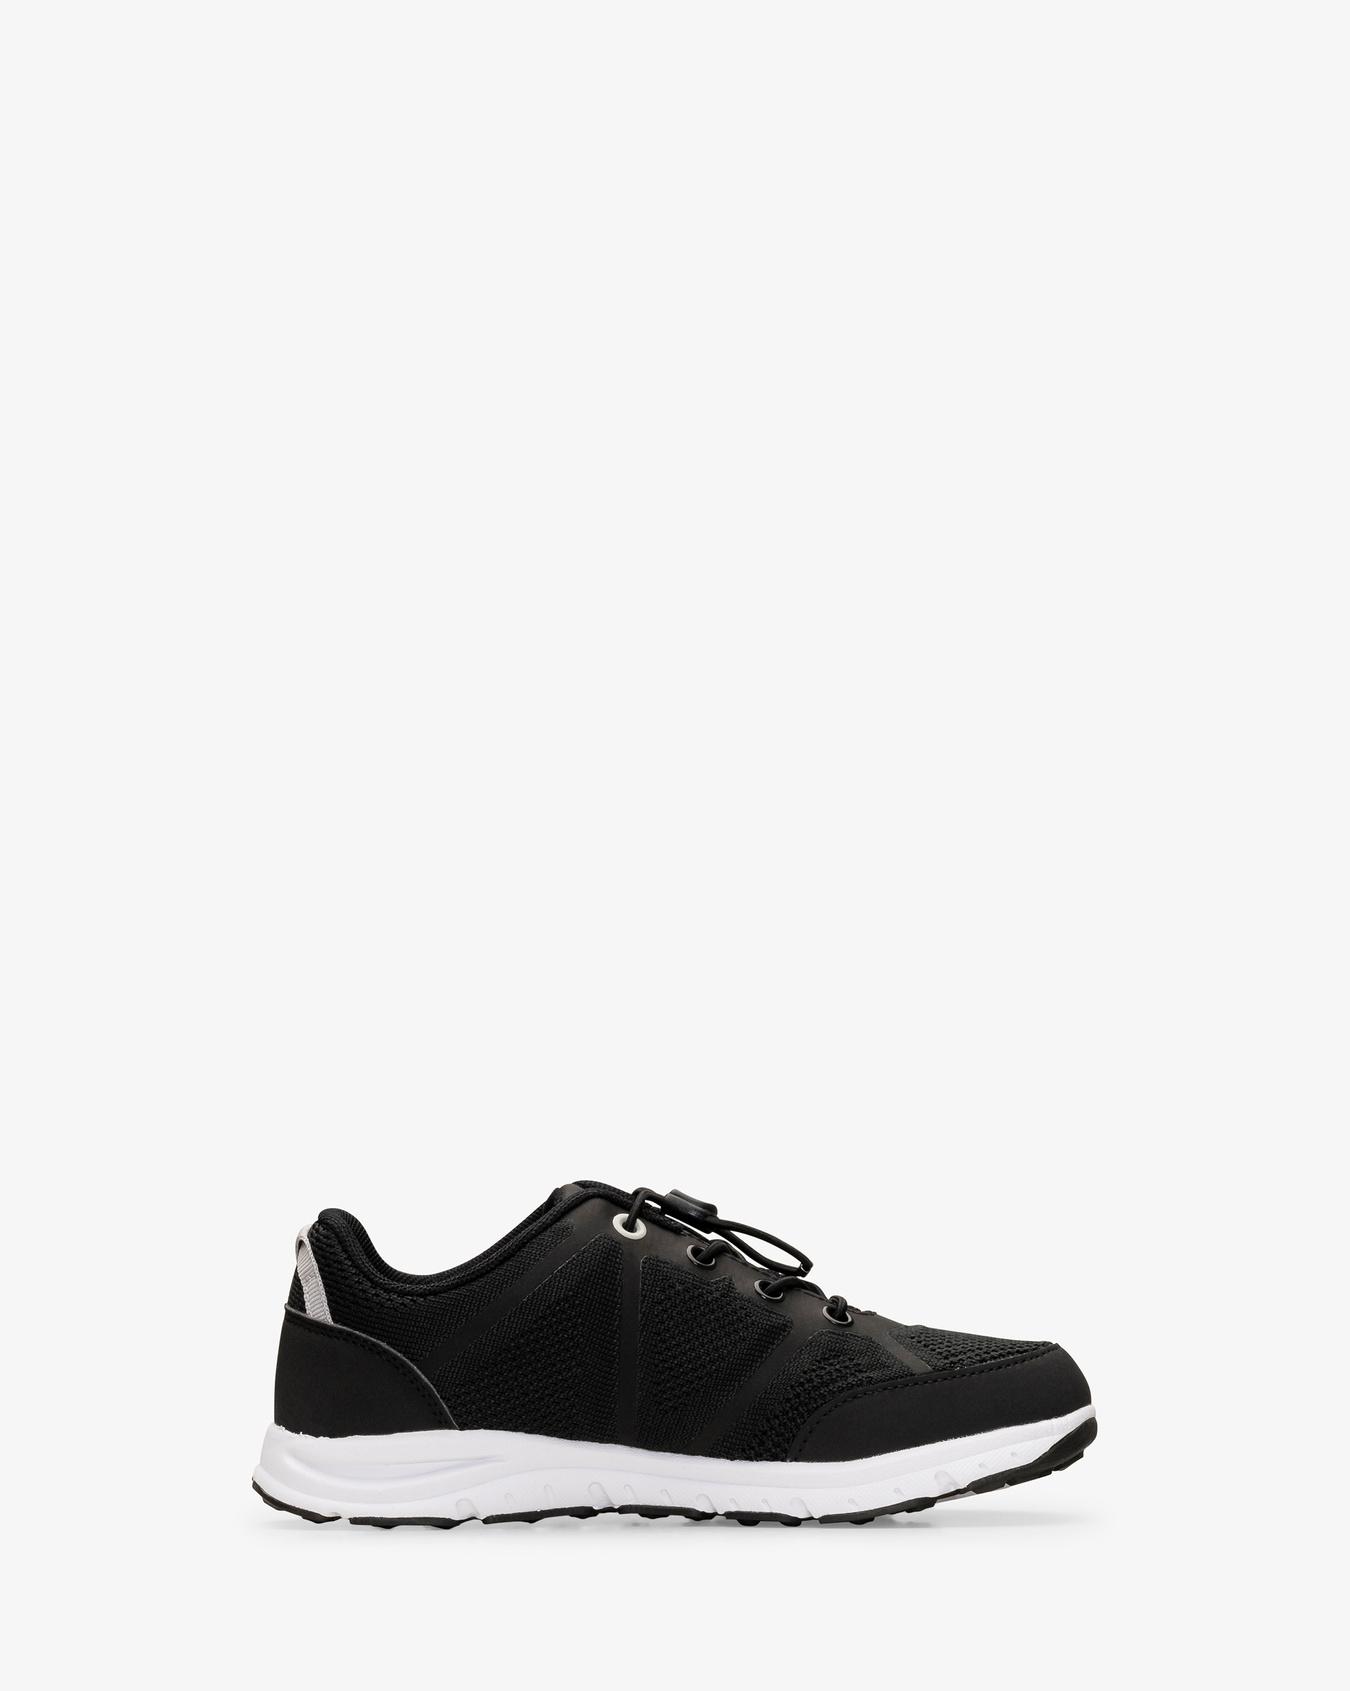 Ullevaal Sneaker